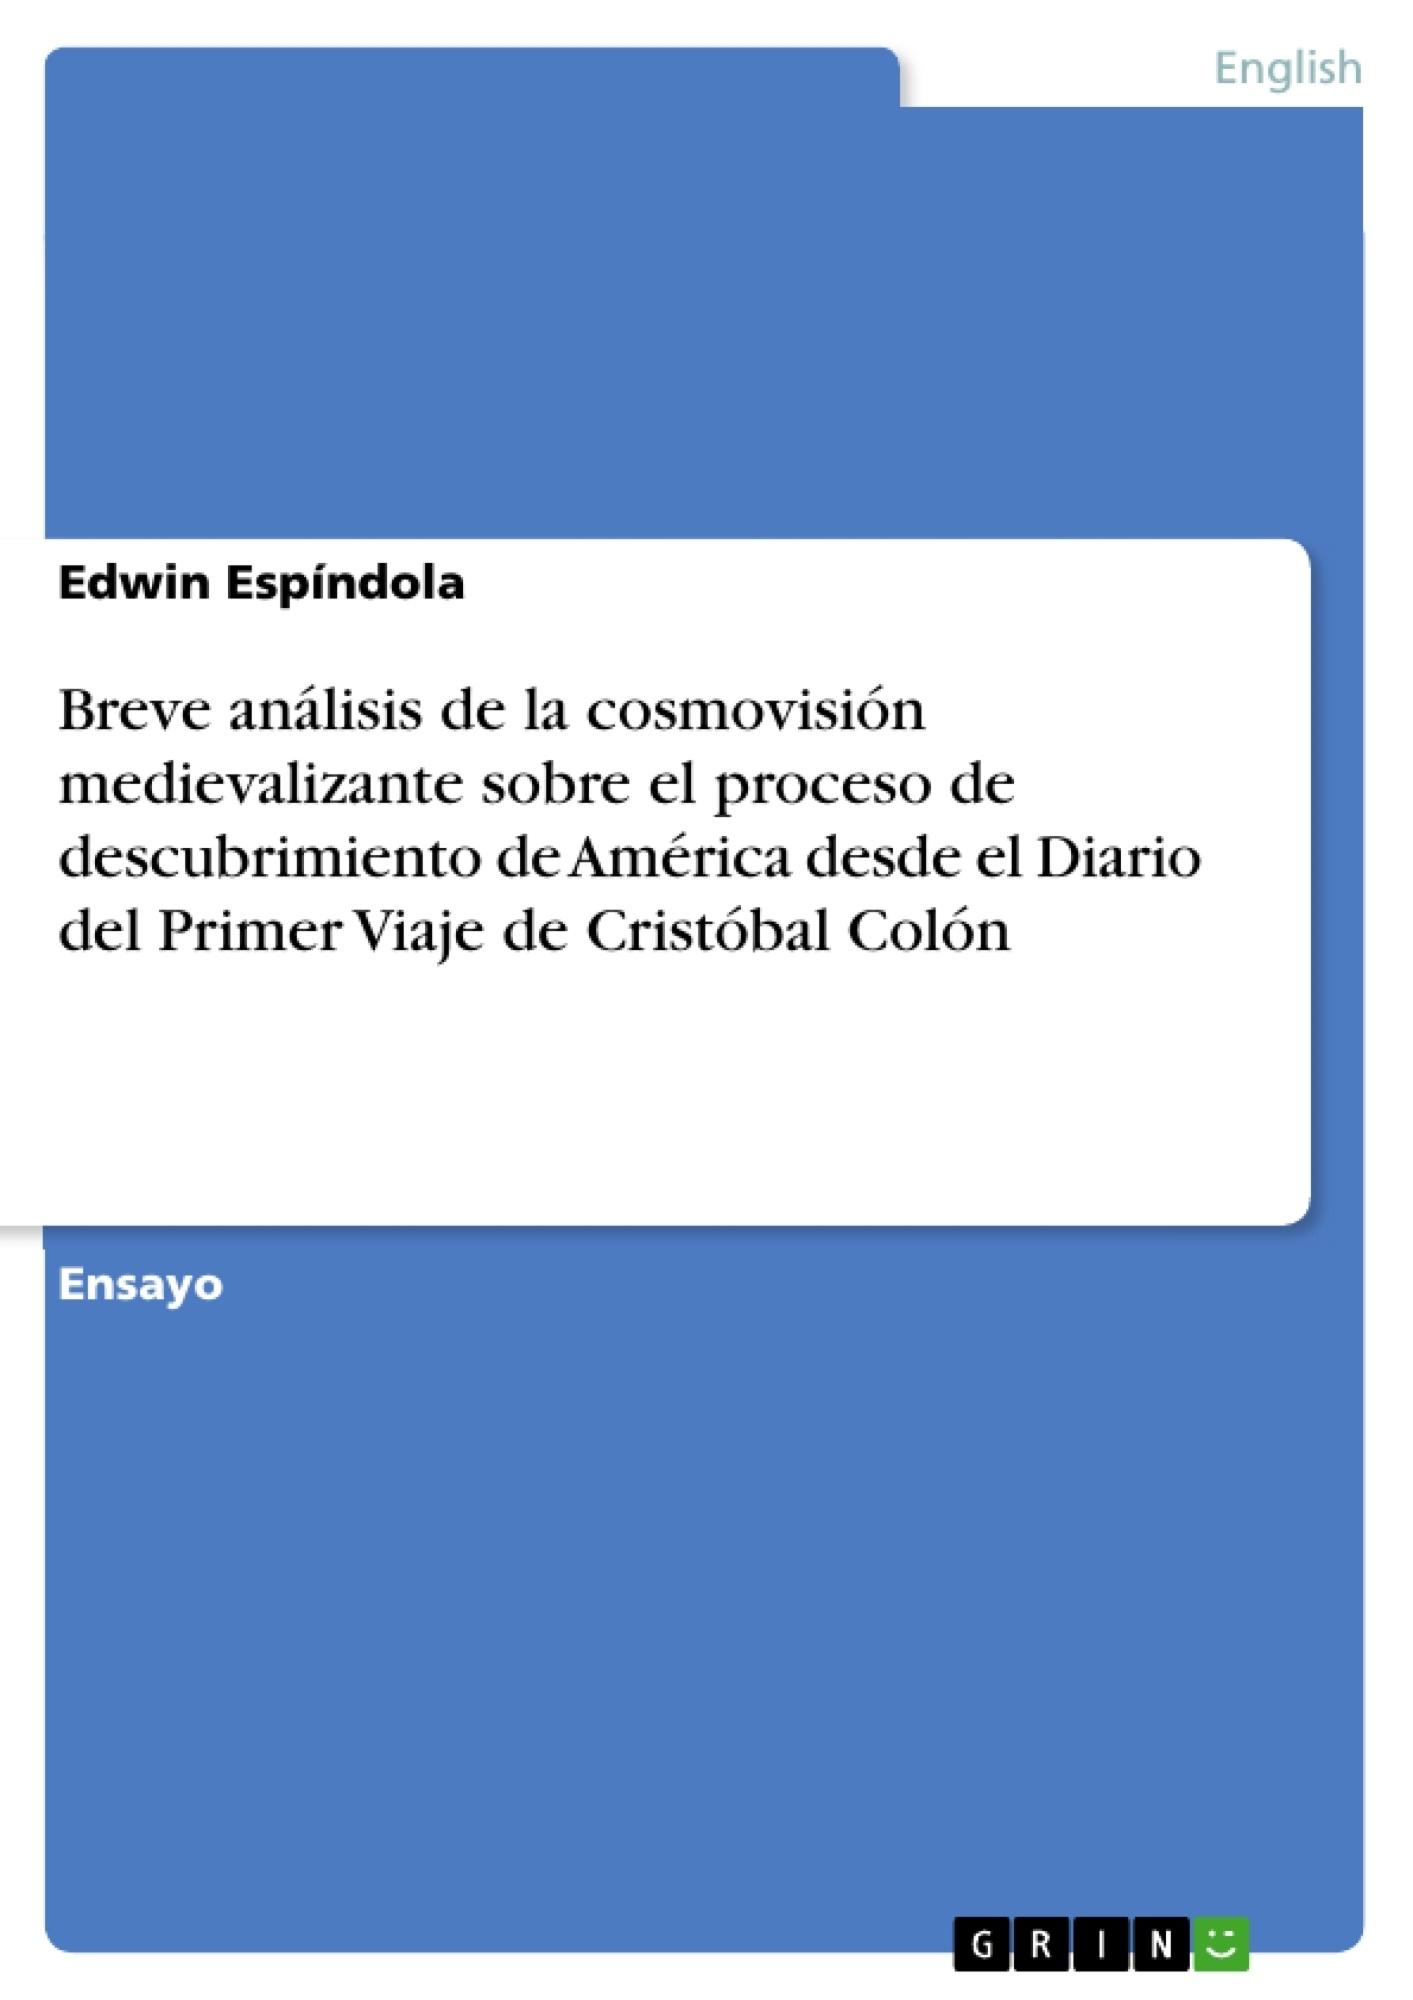 Título: Breve análisis de la cosmovisión medievalizante sobre el proceso de descubrimiento de América desde el Diario del Primer Viaje de Cristóbal Colón